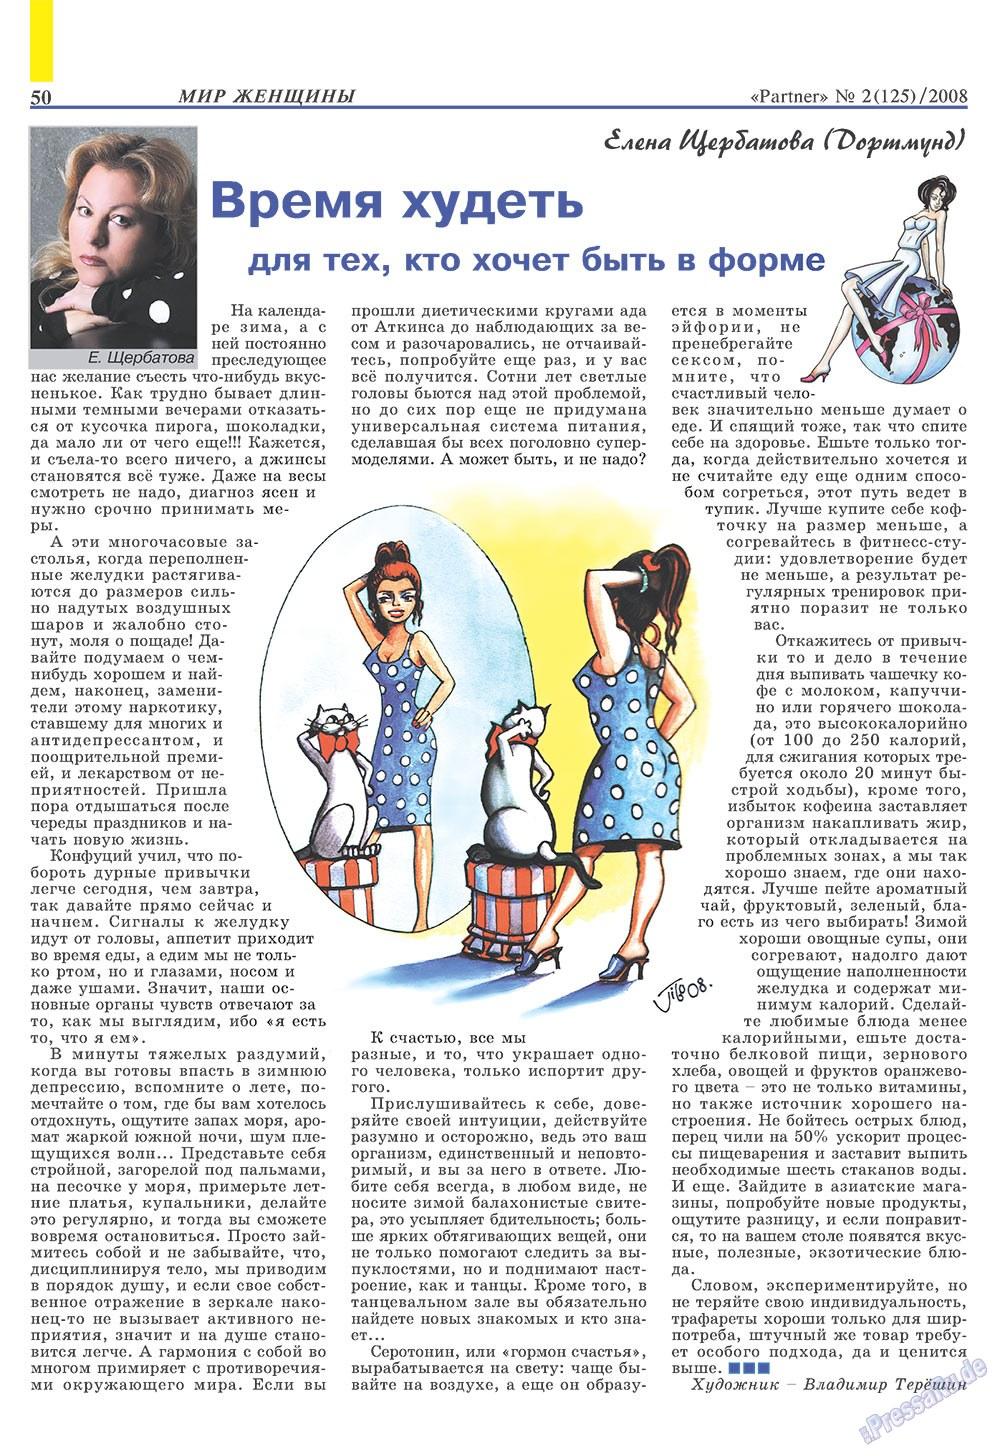 Партнер (журнал). 2008 год, номер 2, стр. 50